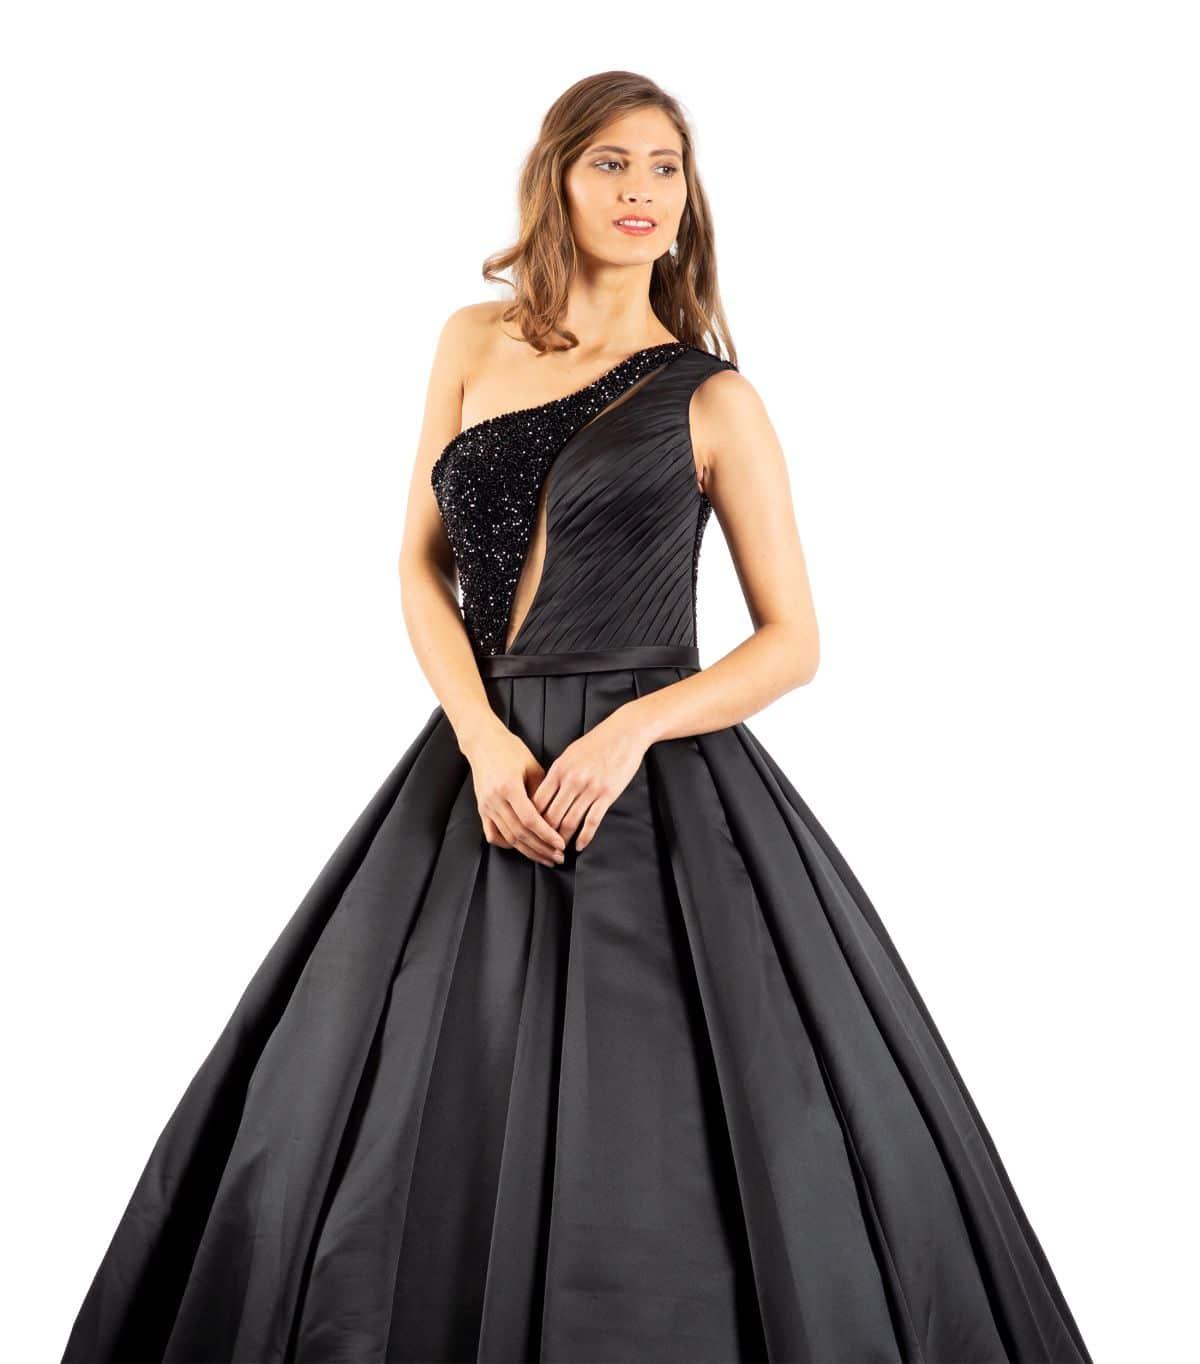 Elisabeth schwarzes Brautkleid detailansicht